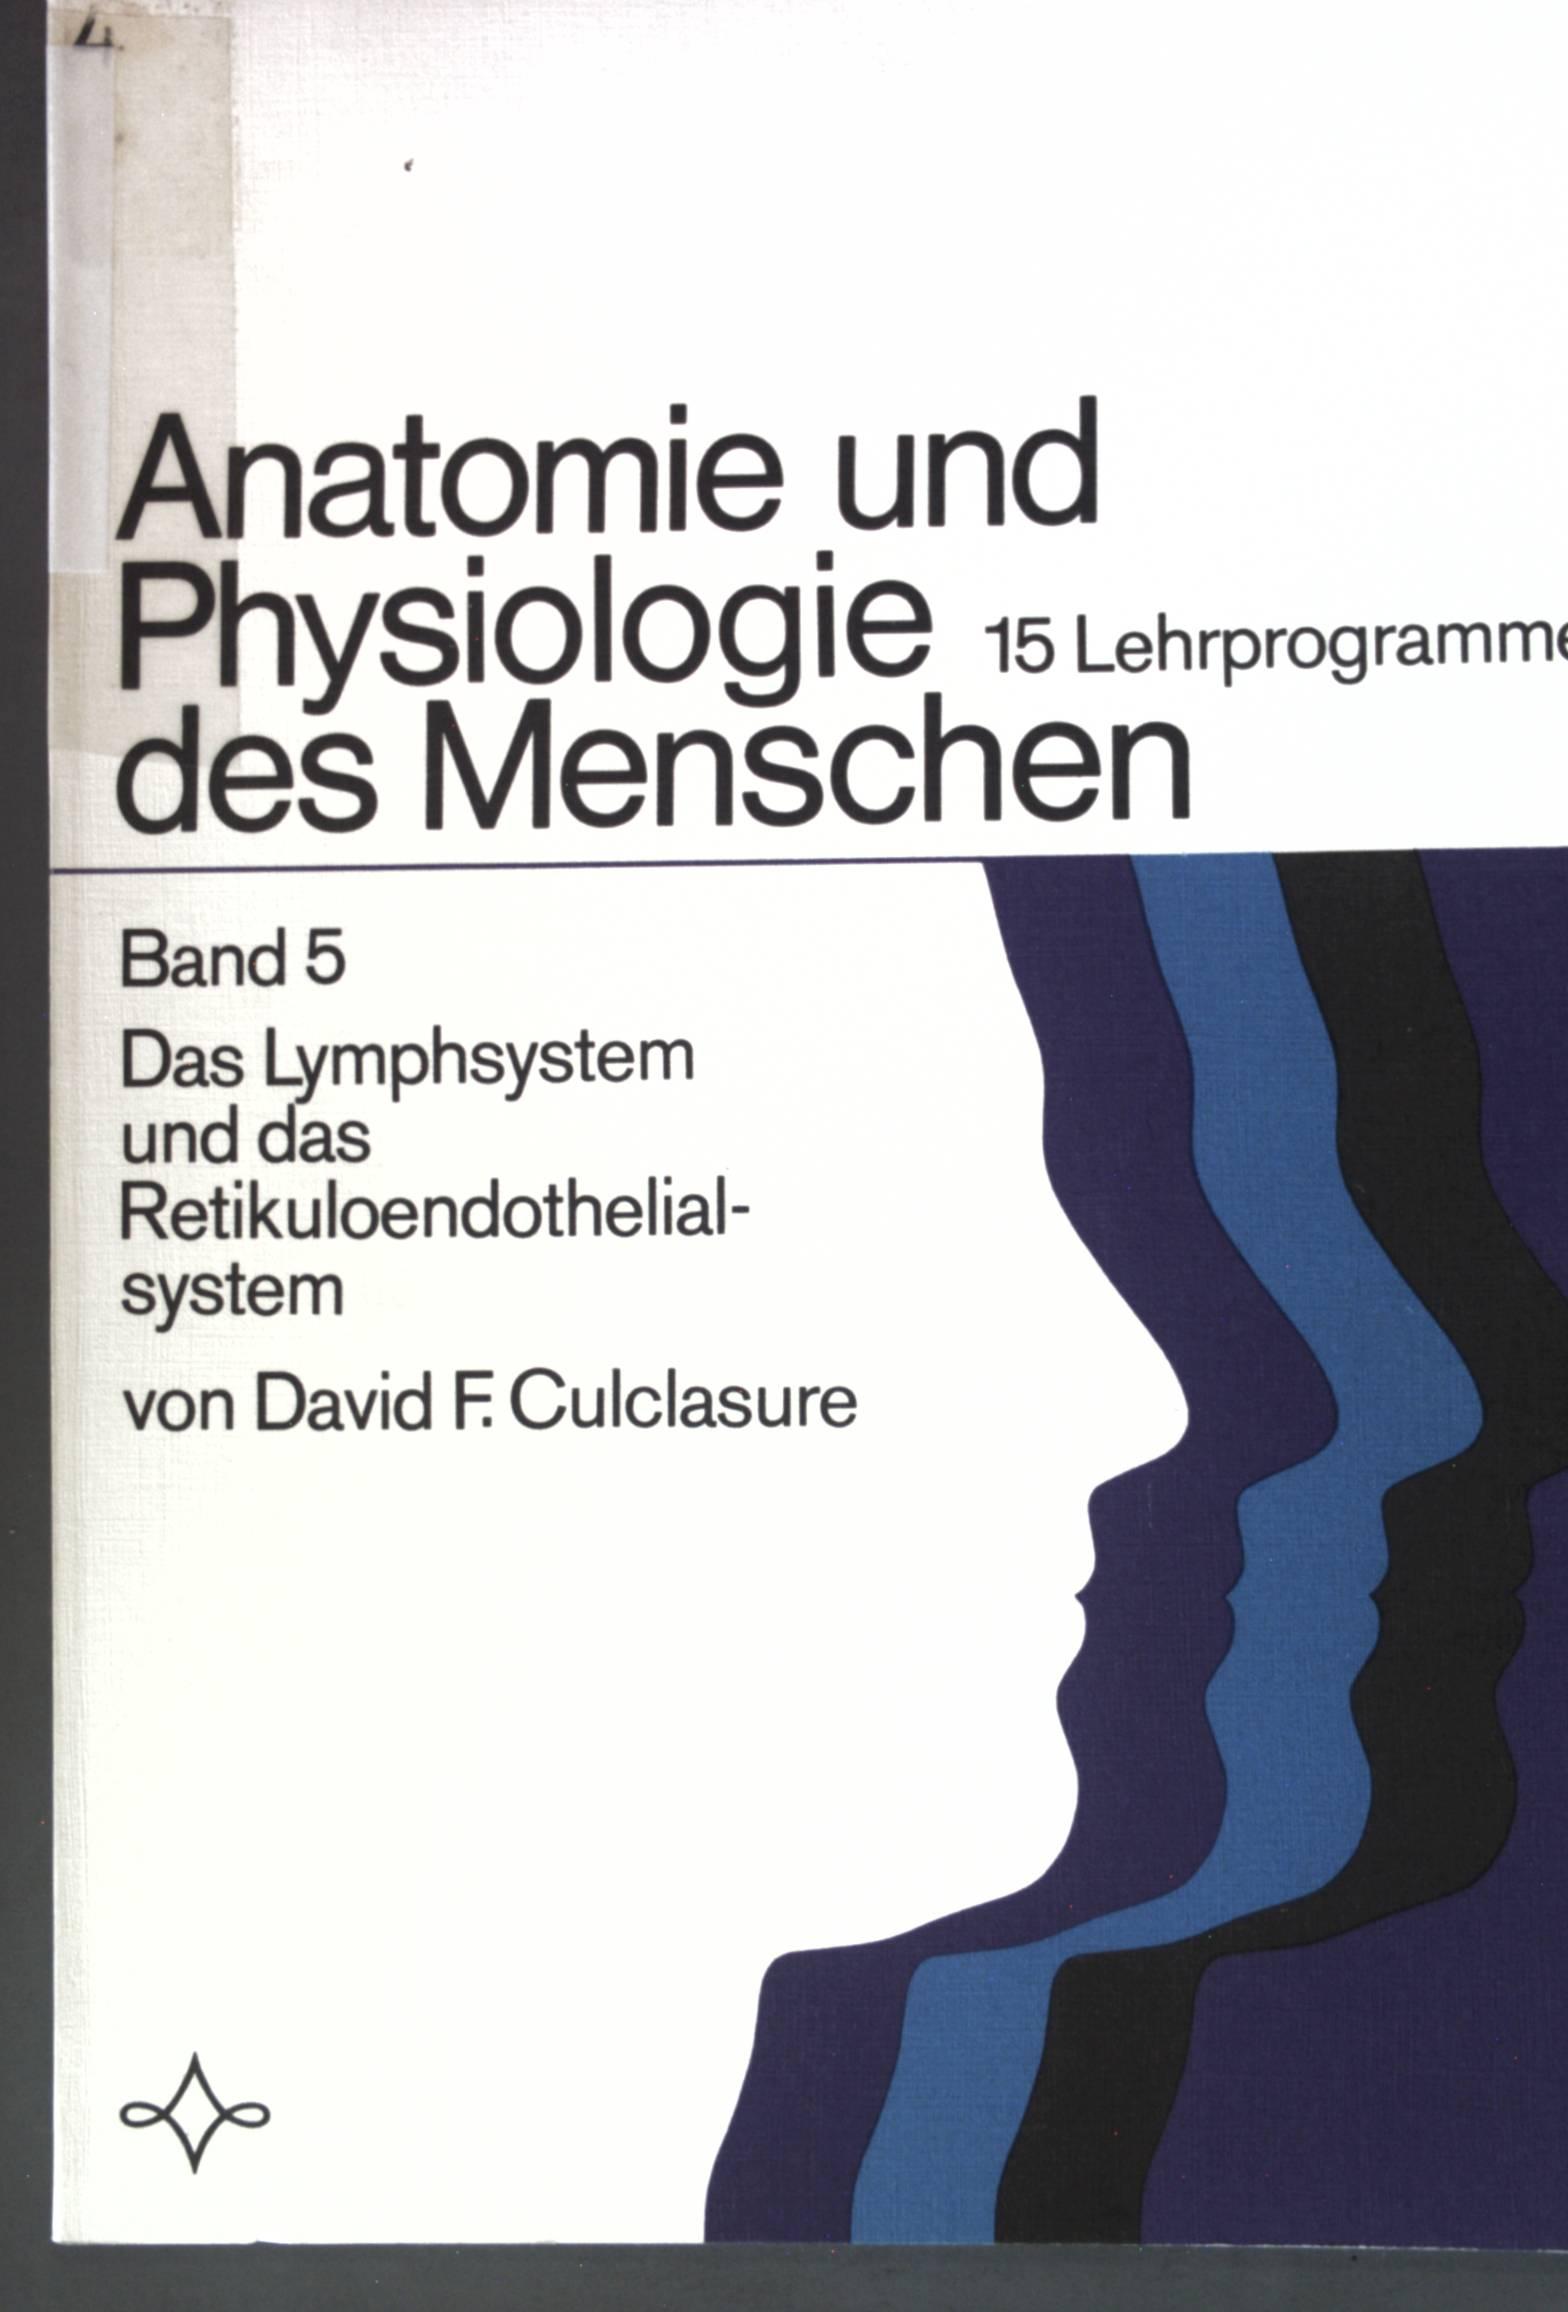 das lymphsystem und von culclasure - ZVAB